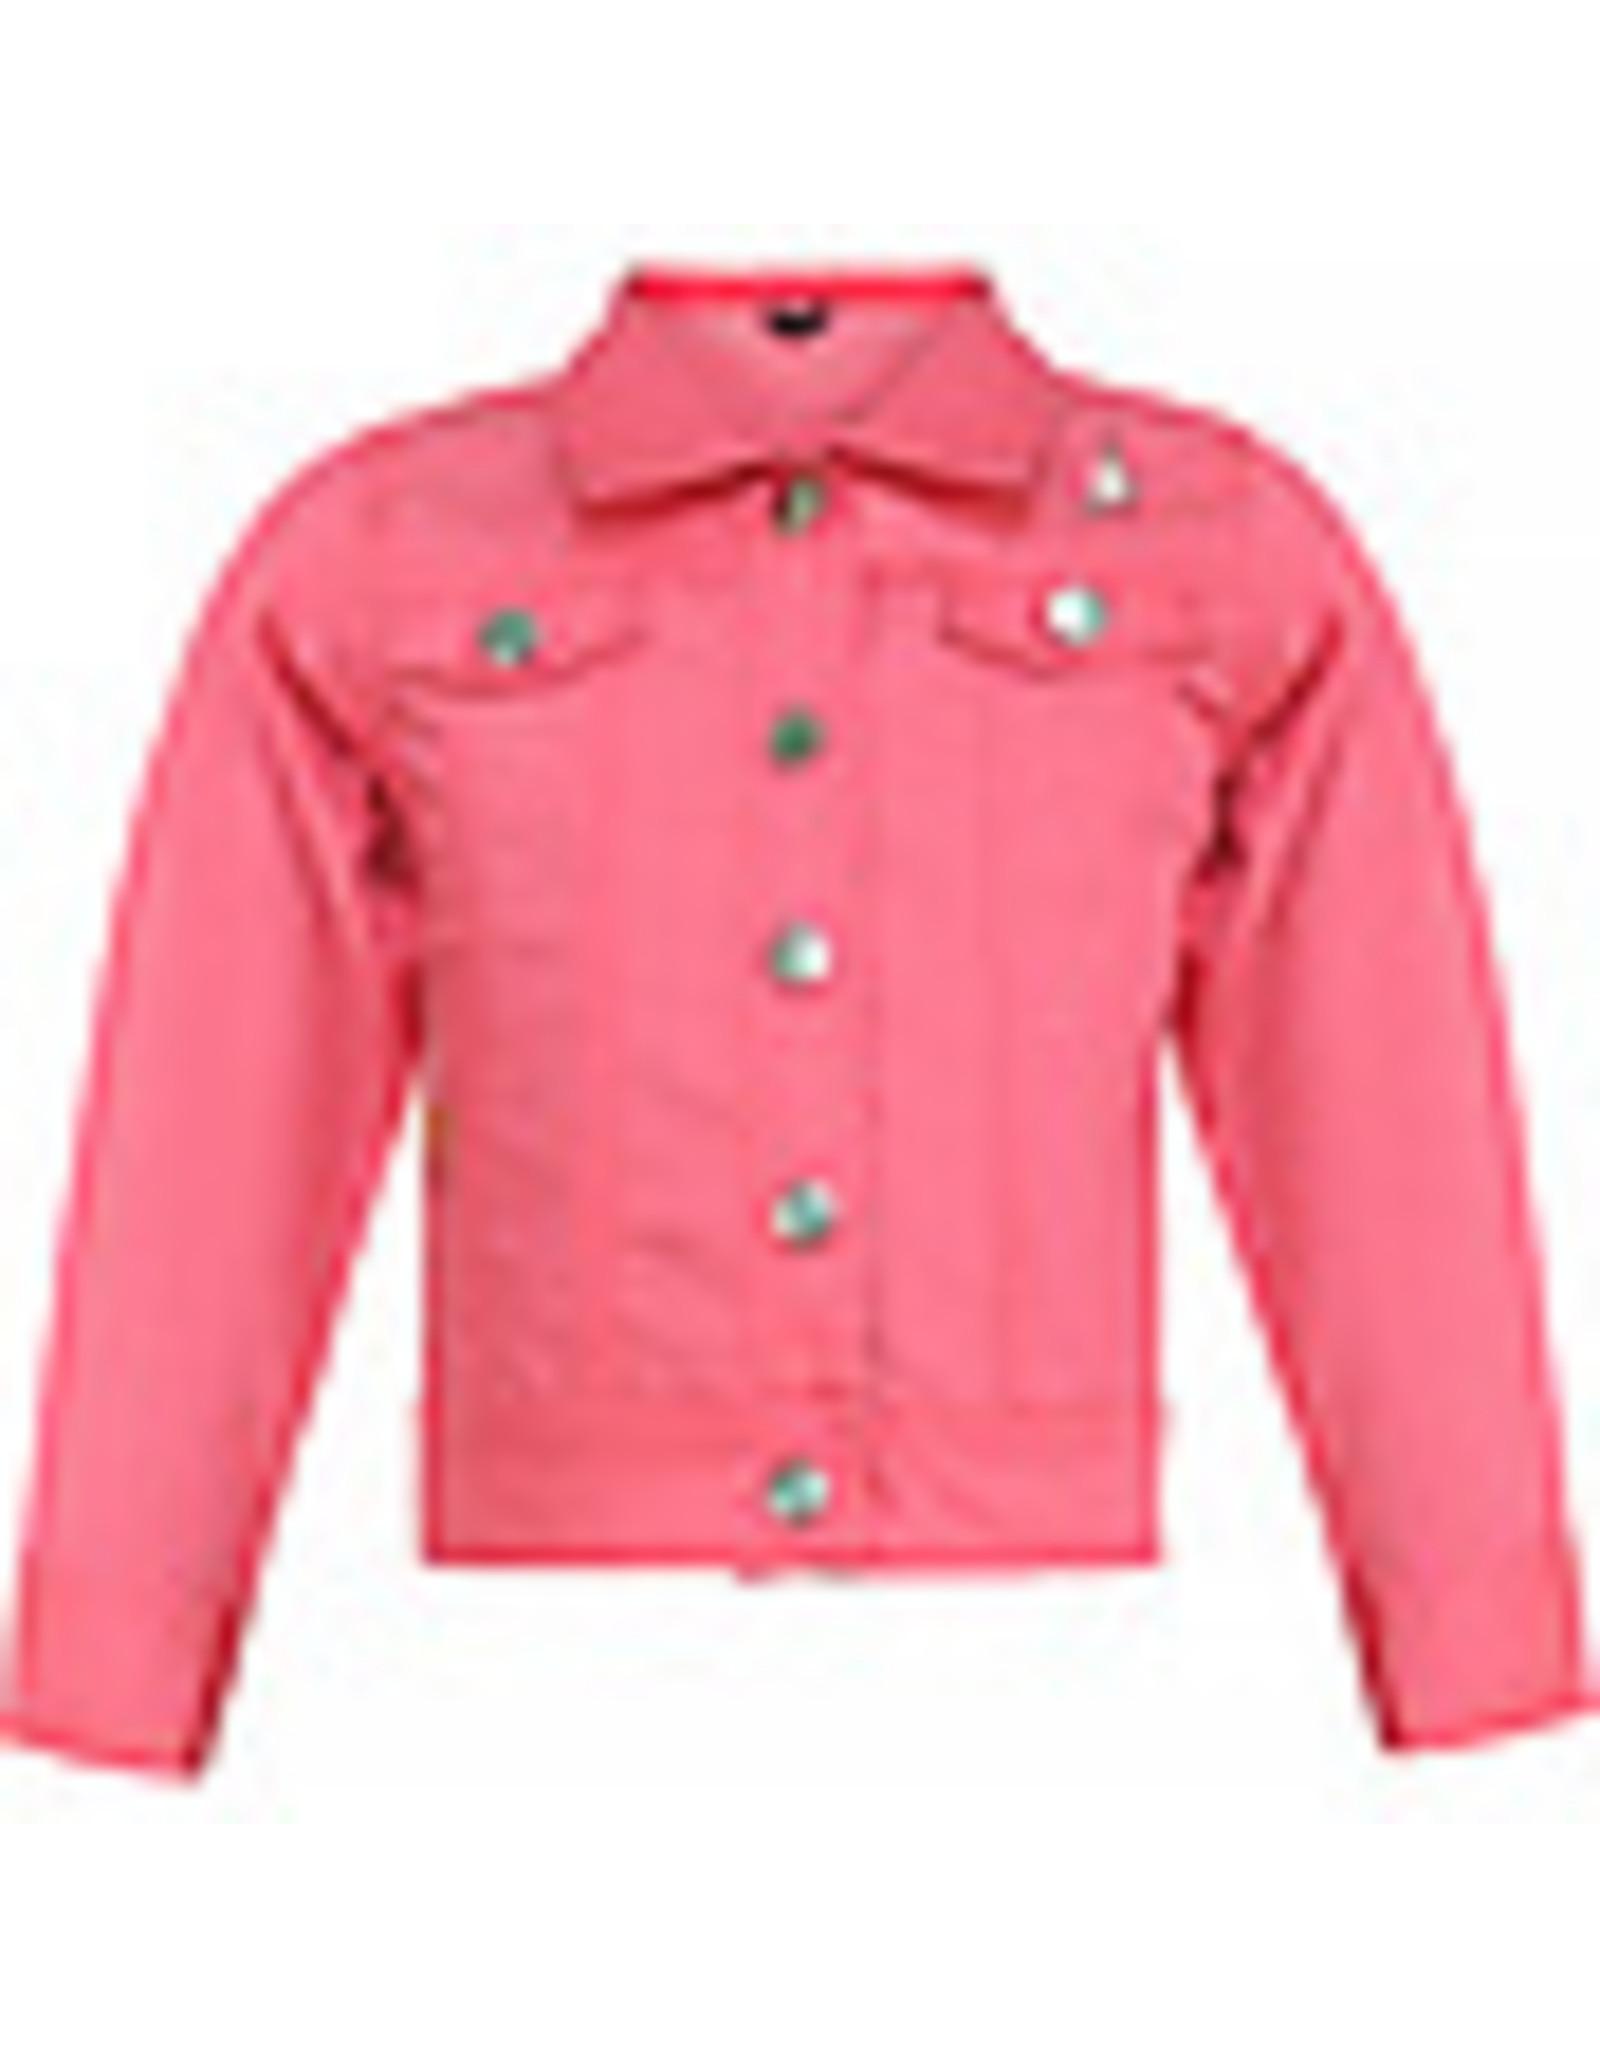 Beebielove Denim Jacket Pink, PNK